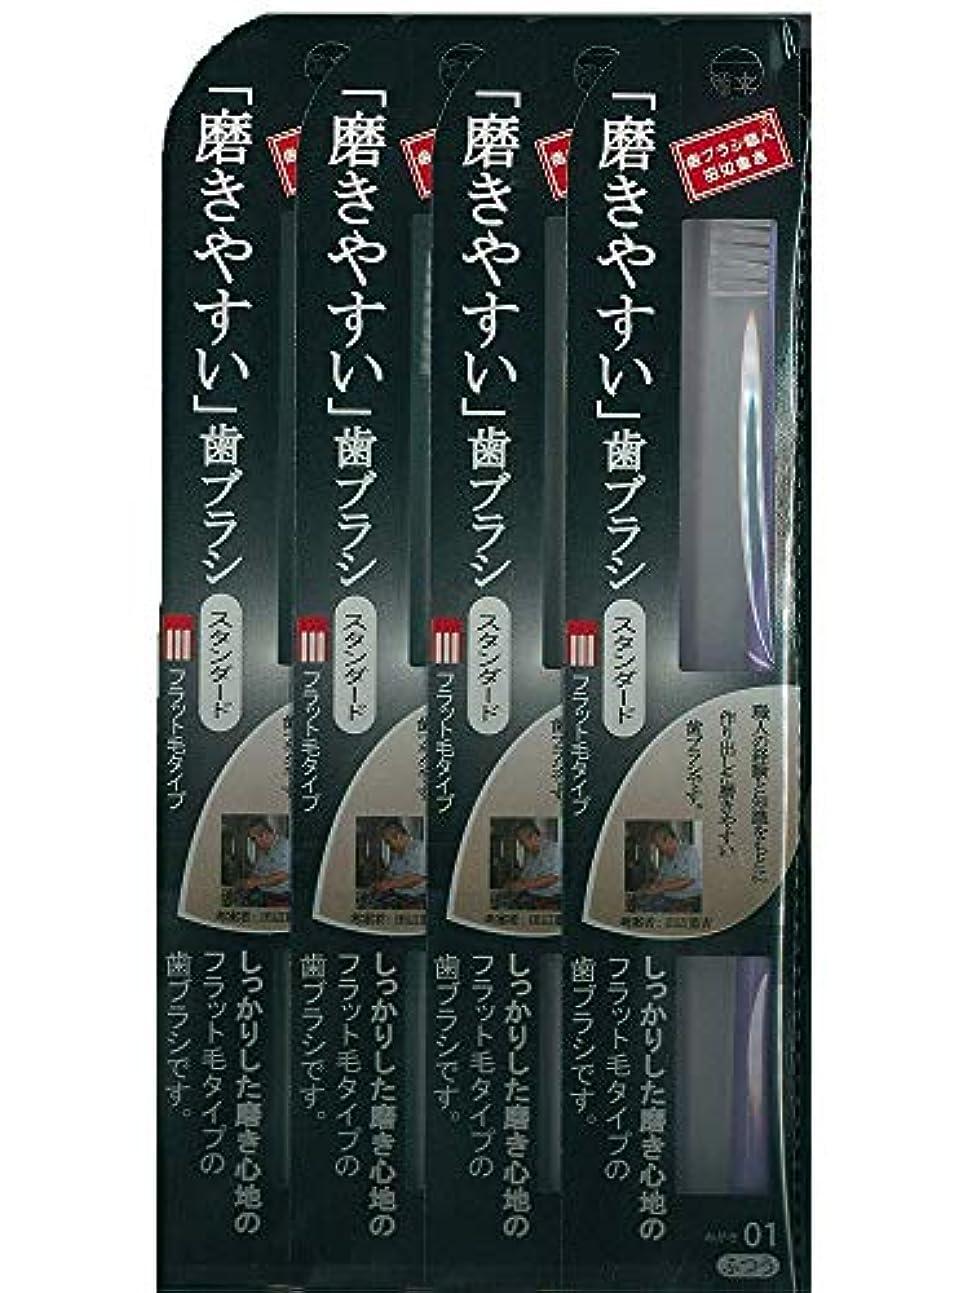 十分にクスクス手当歯ブラシ職人 田辺重吉 磨きやすい歯ブラシ スタンダード フラット毛タイプ LT-01 (1本×4個セット)